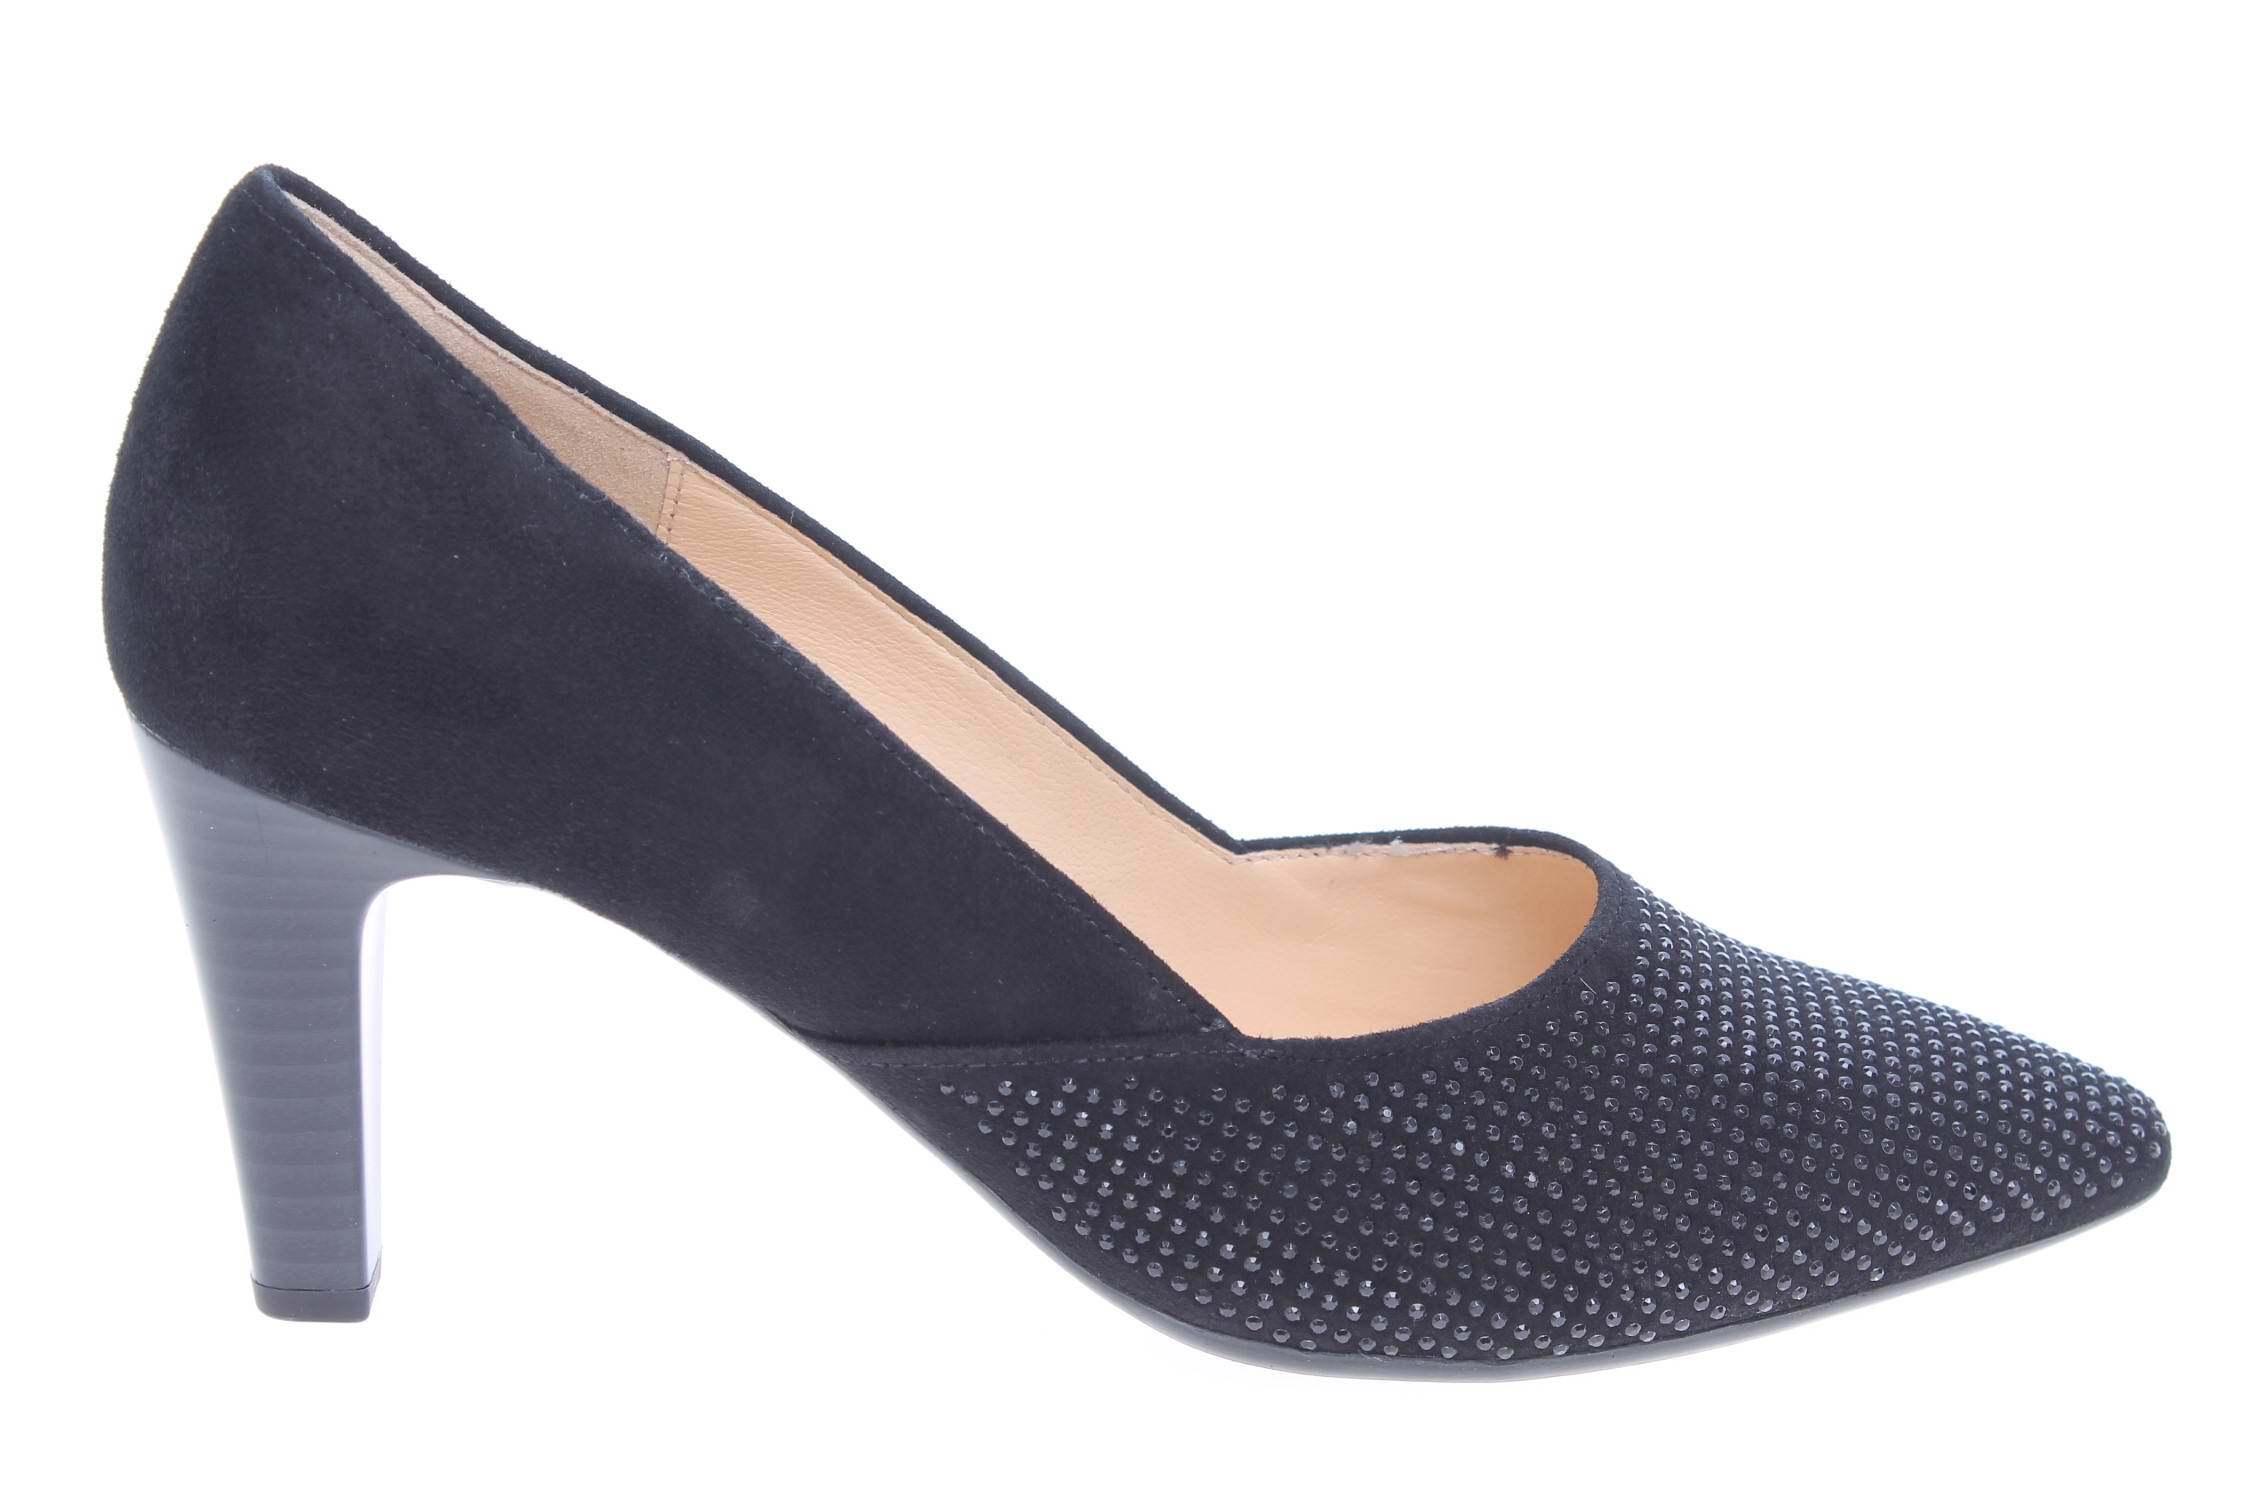 39824ce963 Společenská dámská obuv